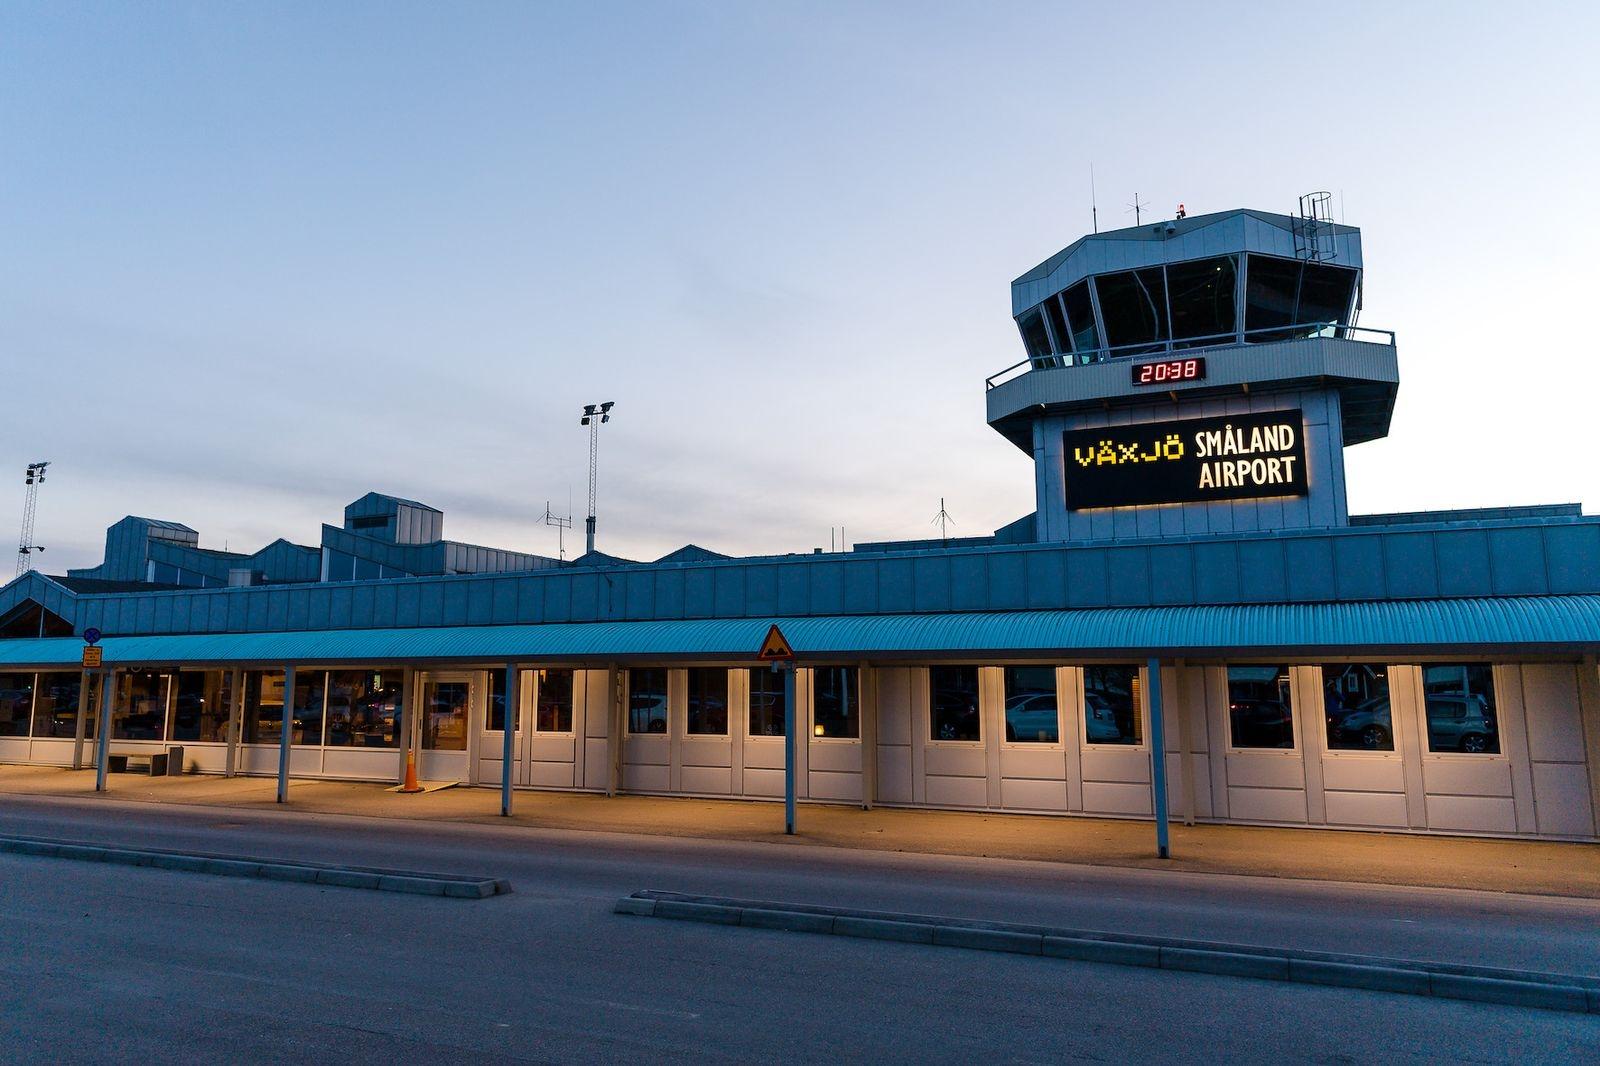 Mer pengar till Småland Airport – frågan är om det räcker